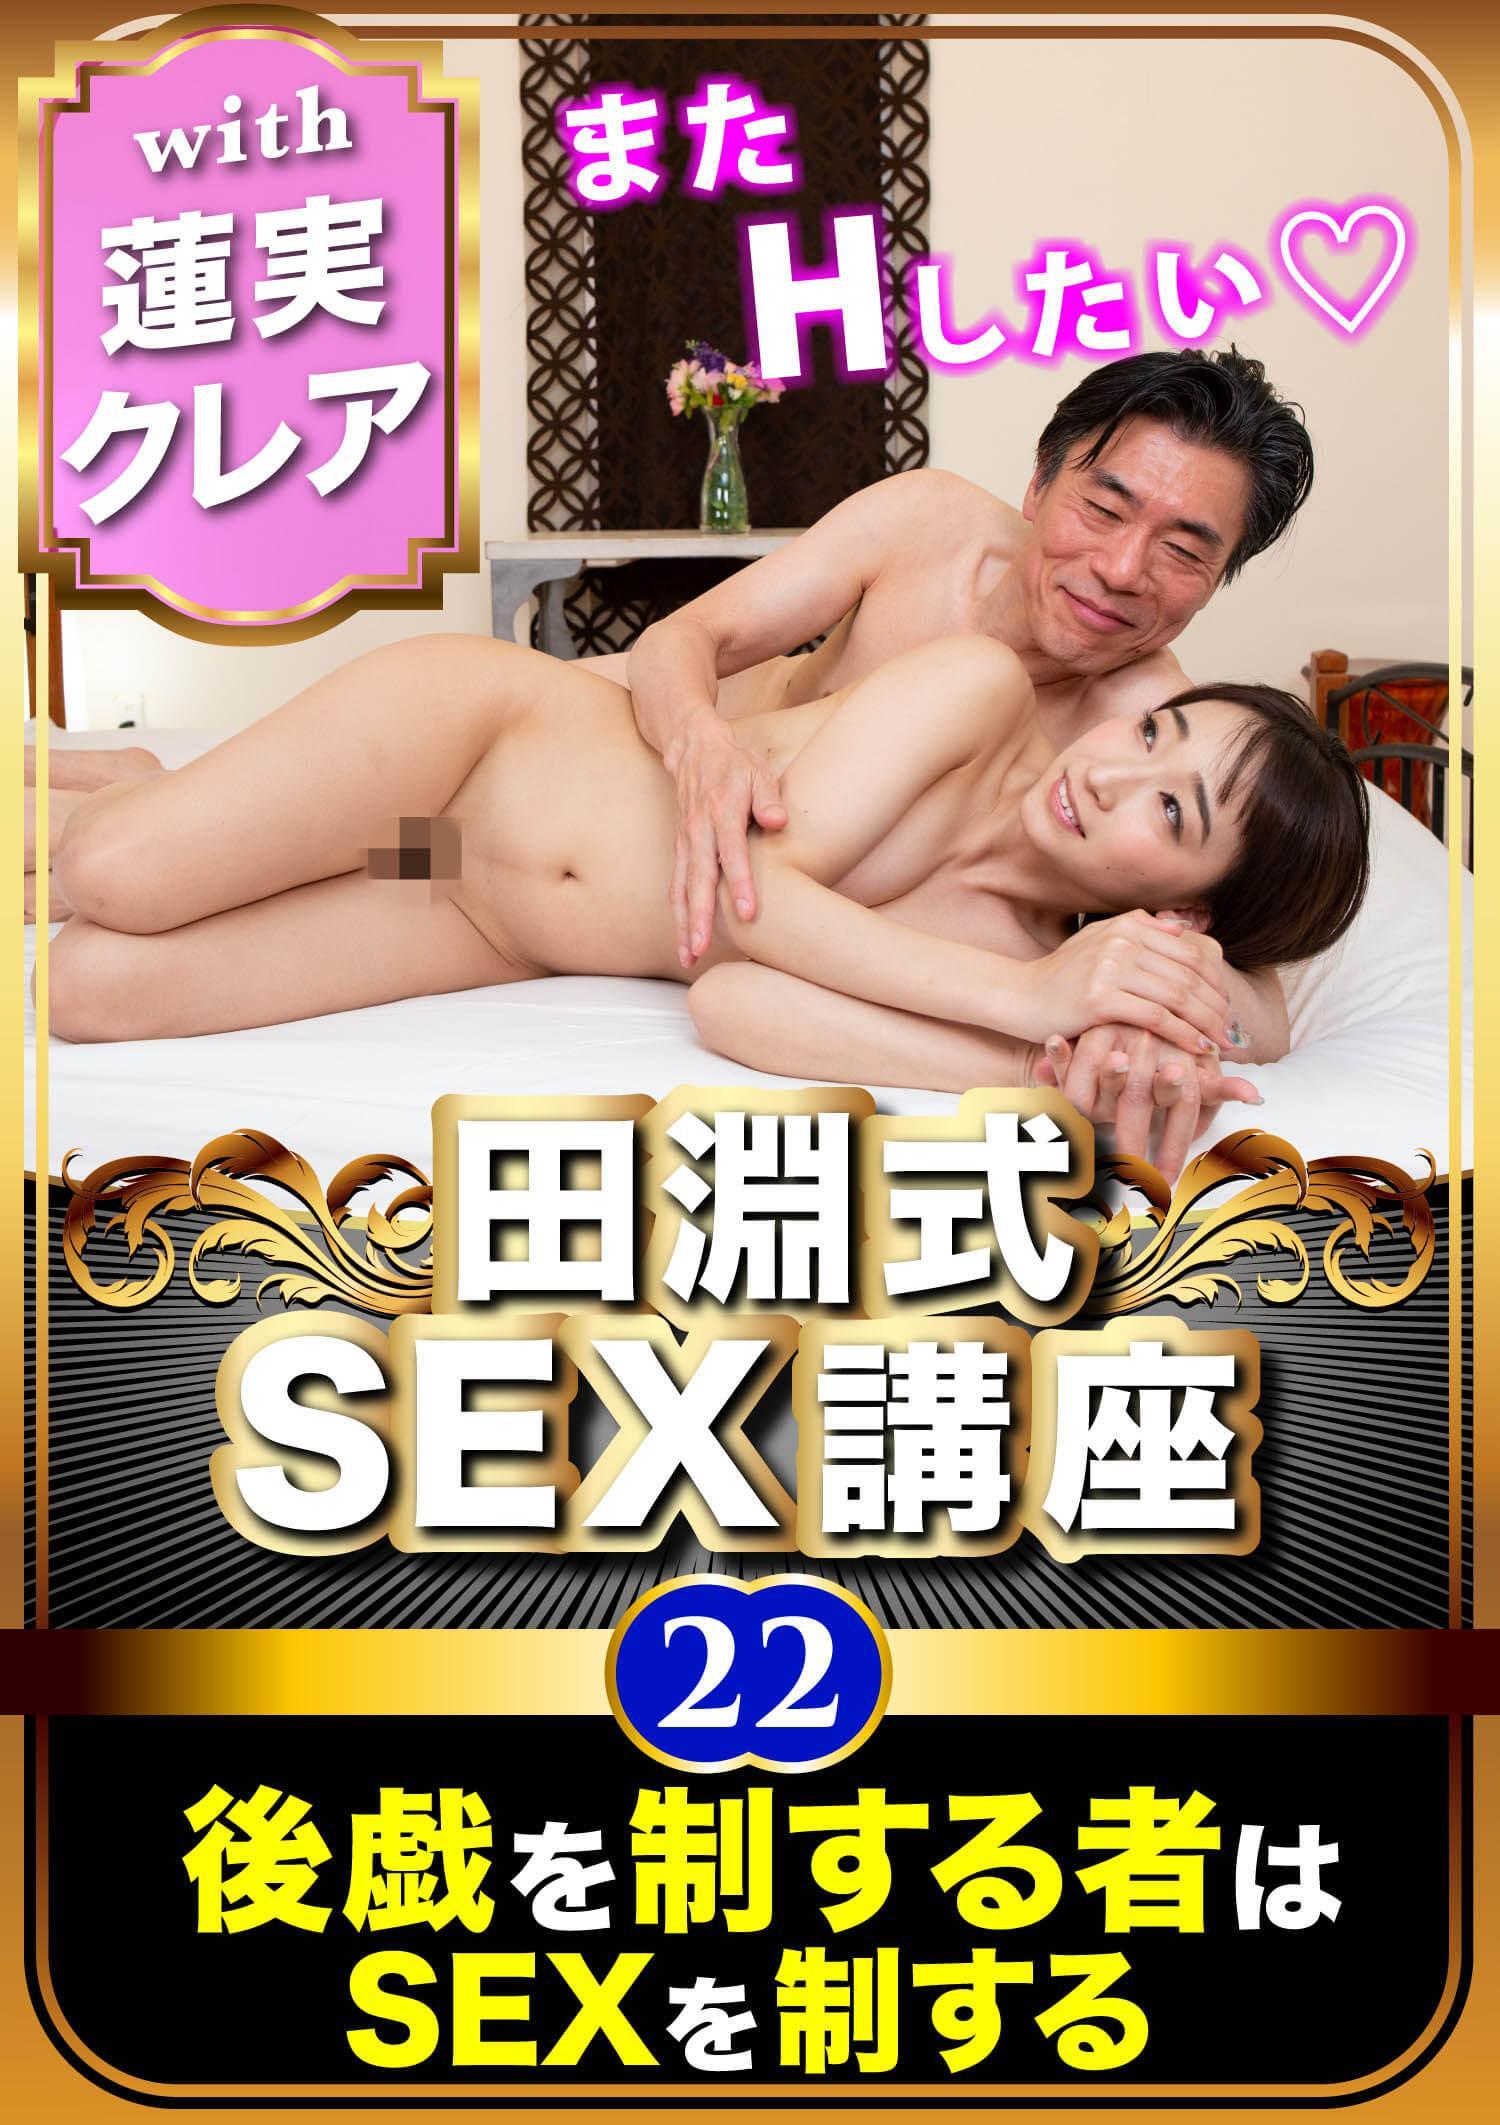 田淵式SEX講座22 後戯を制する者はSEXを制する